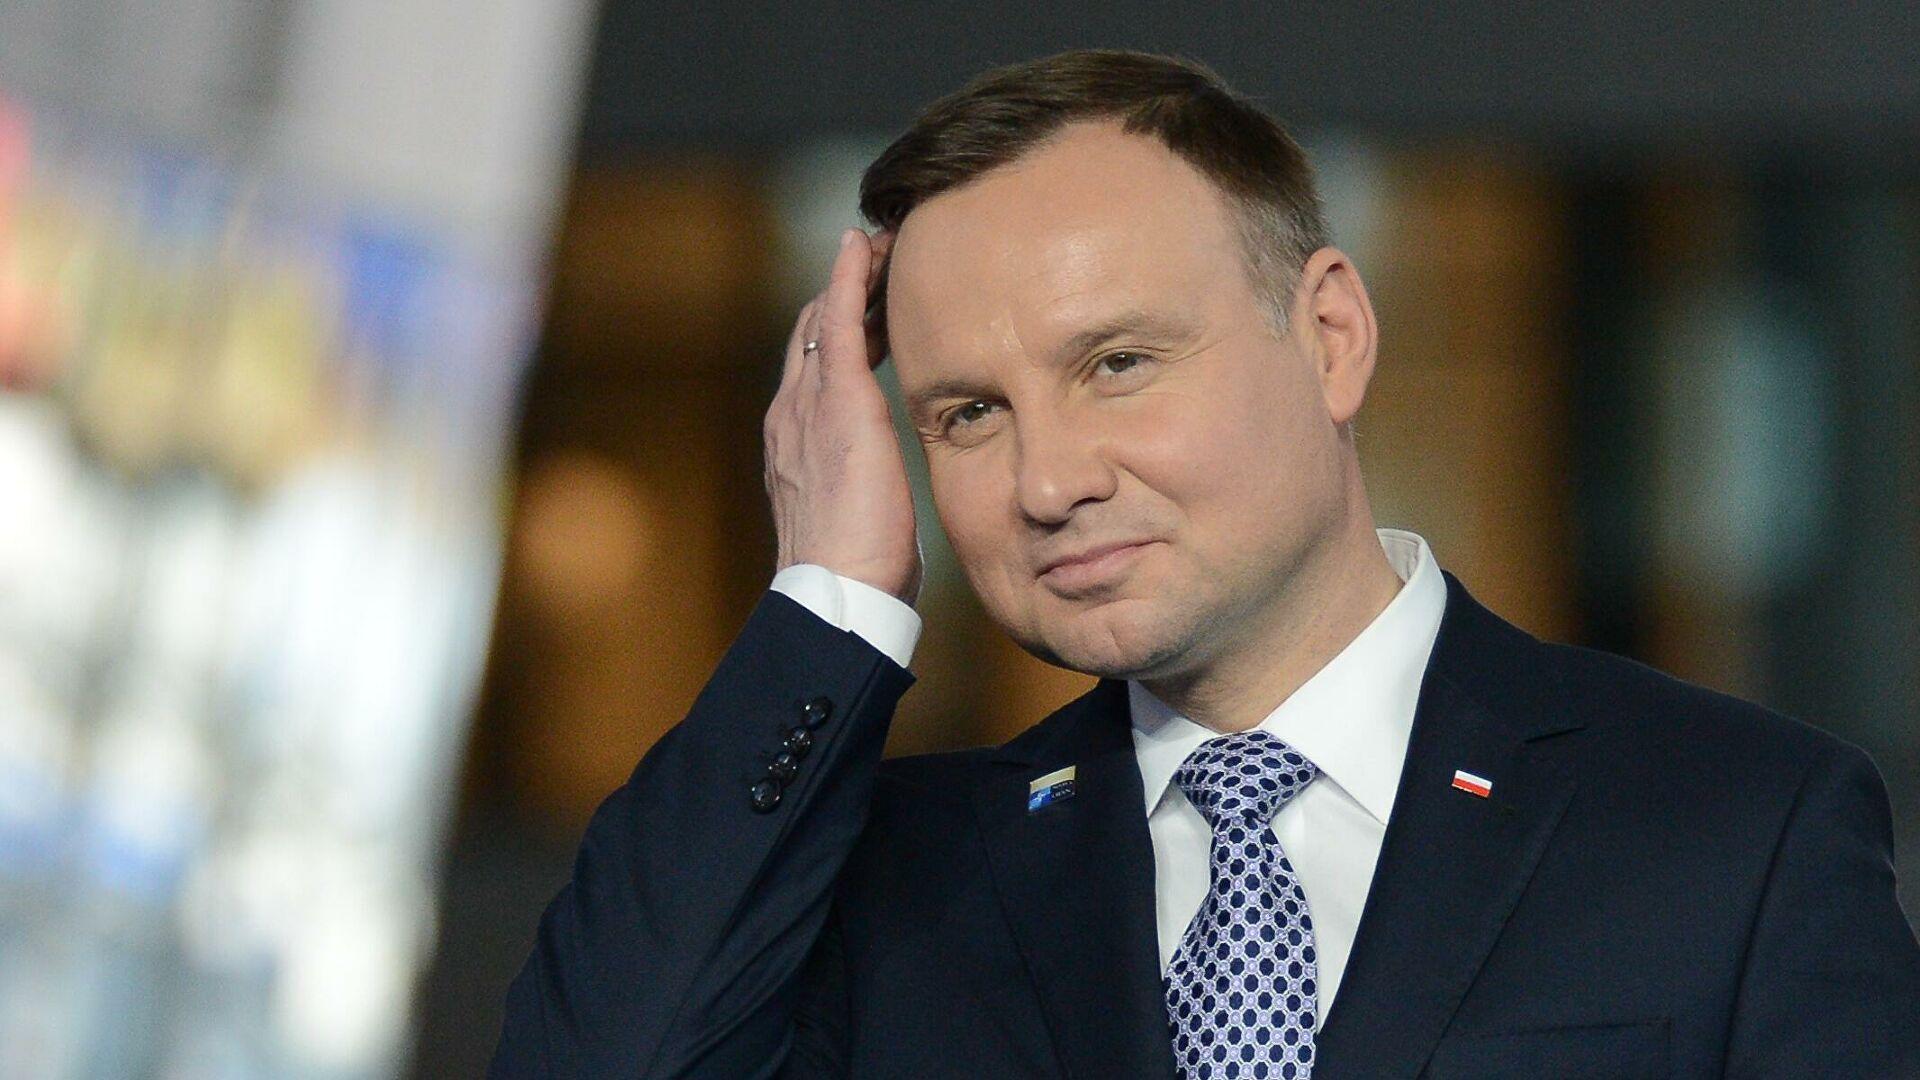 Политолог объяснил заявление Дуды о России низким культурным уровнем